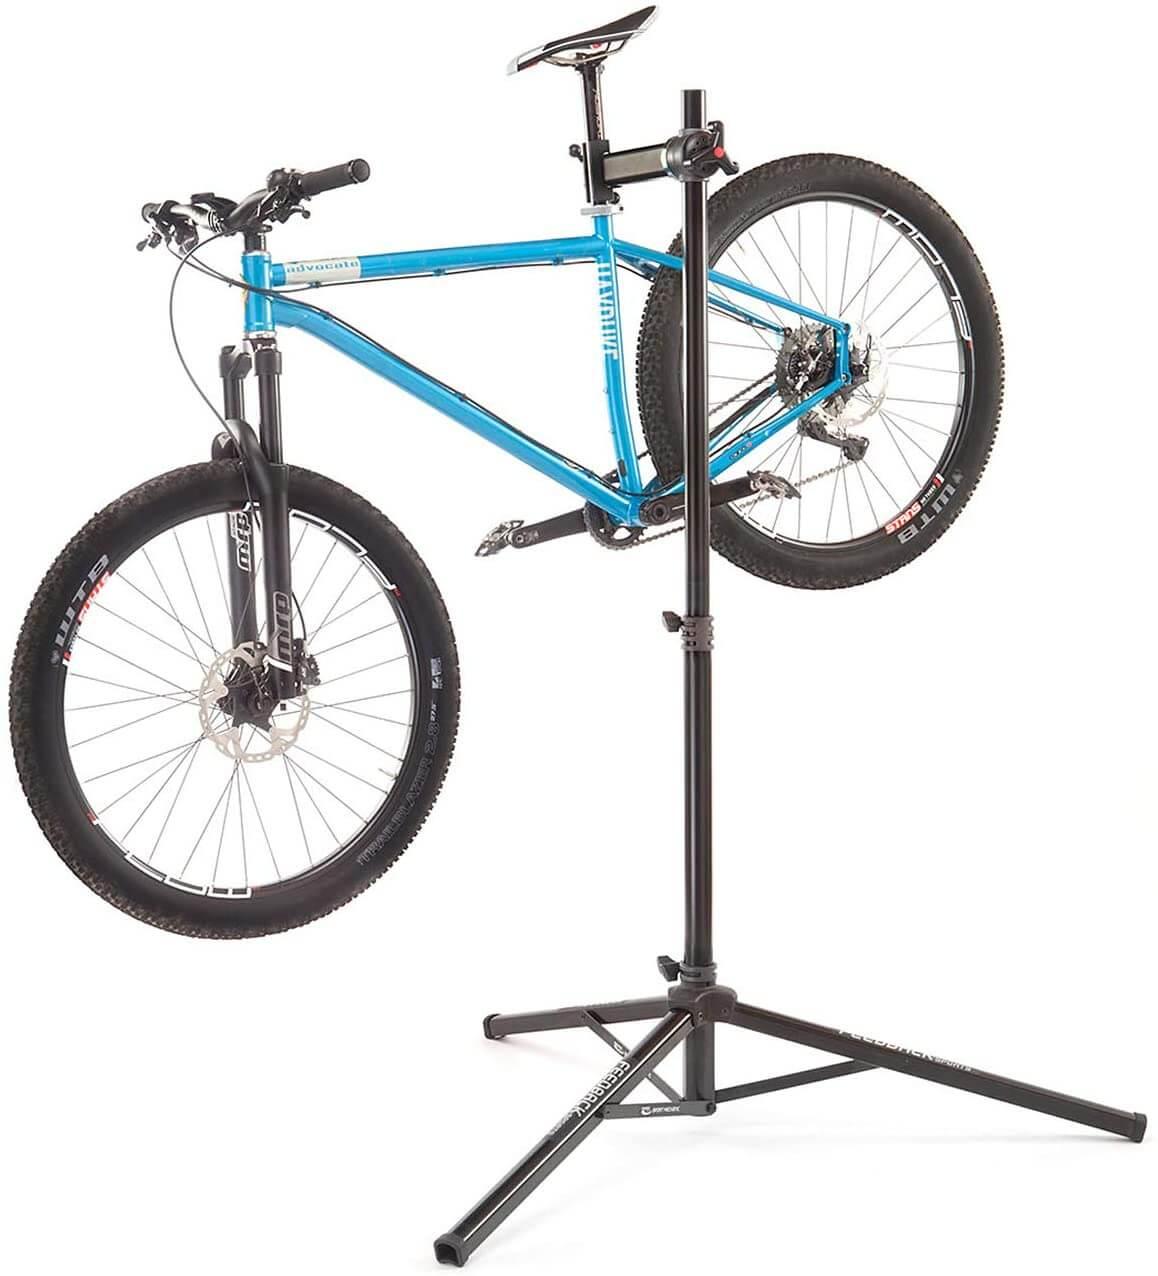 bici en soporte de reparación de bicicletas